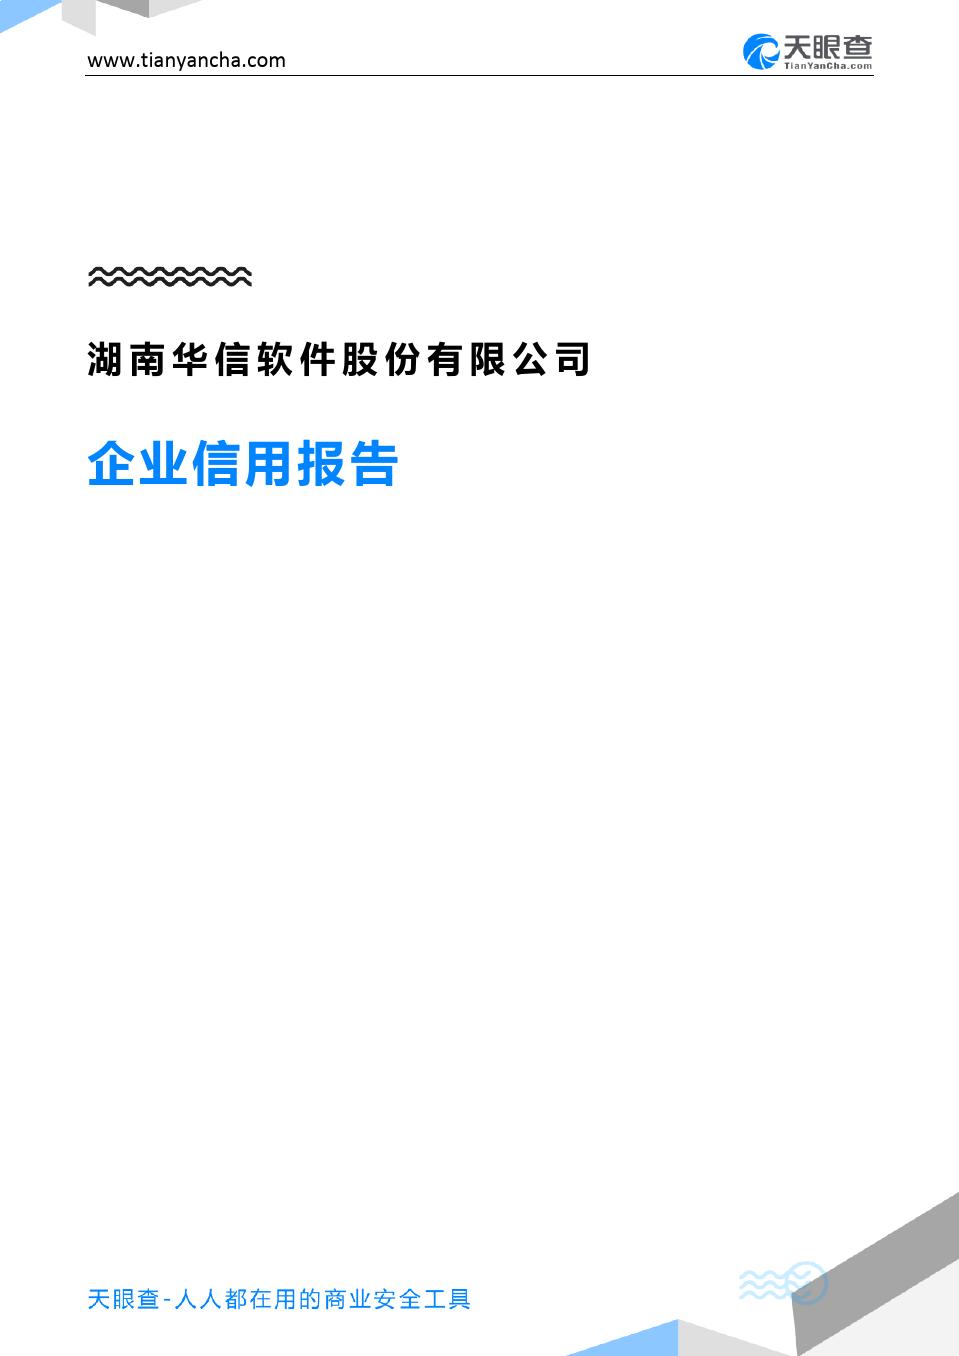 湖南华信软件股份有限公司(企业信用报告)- 天眼查